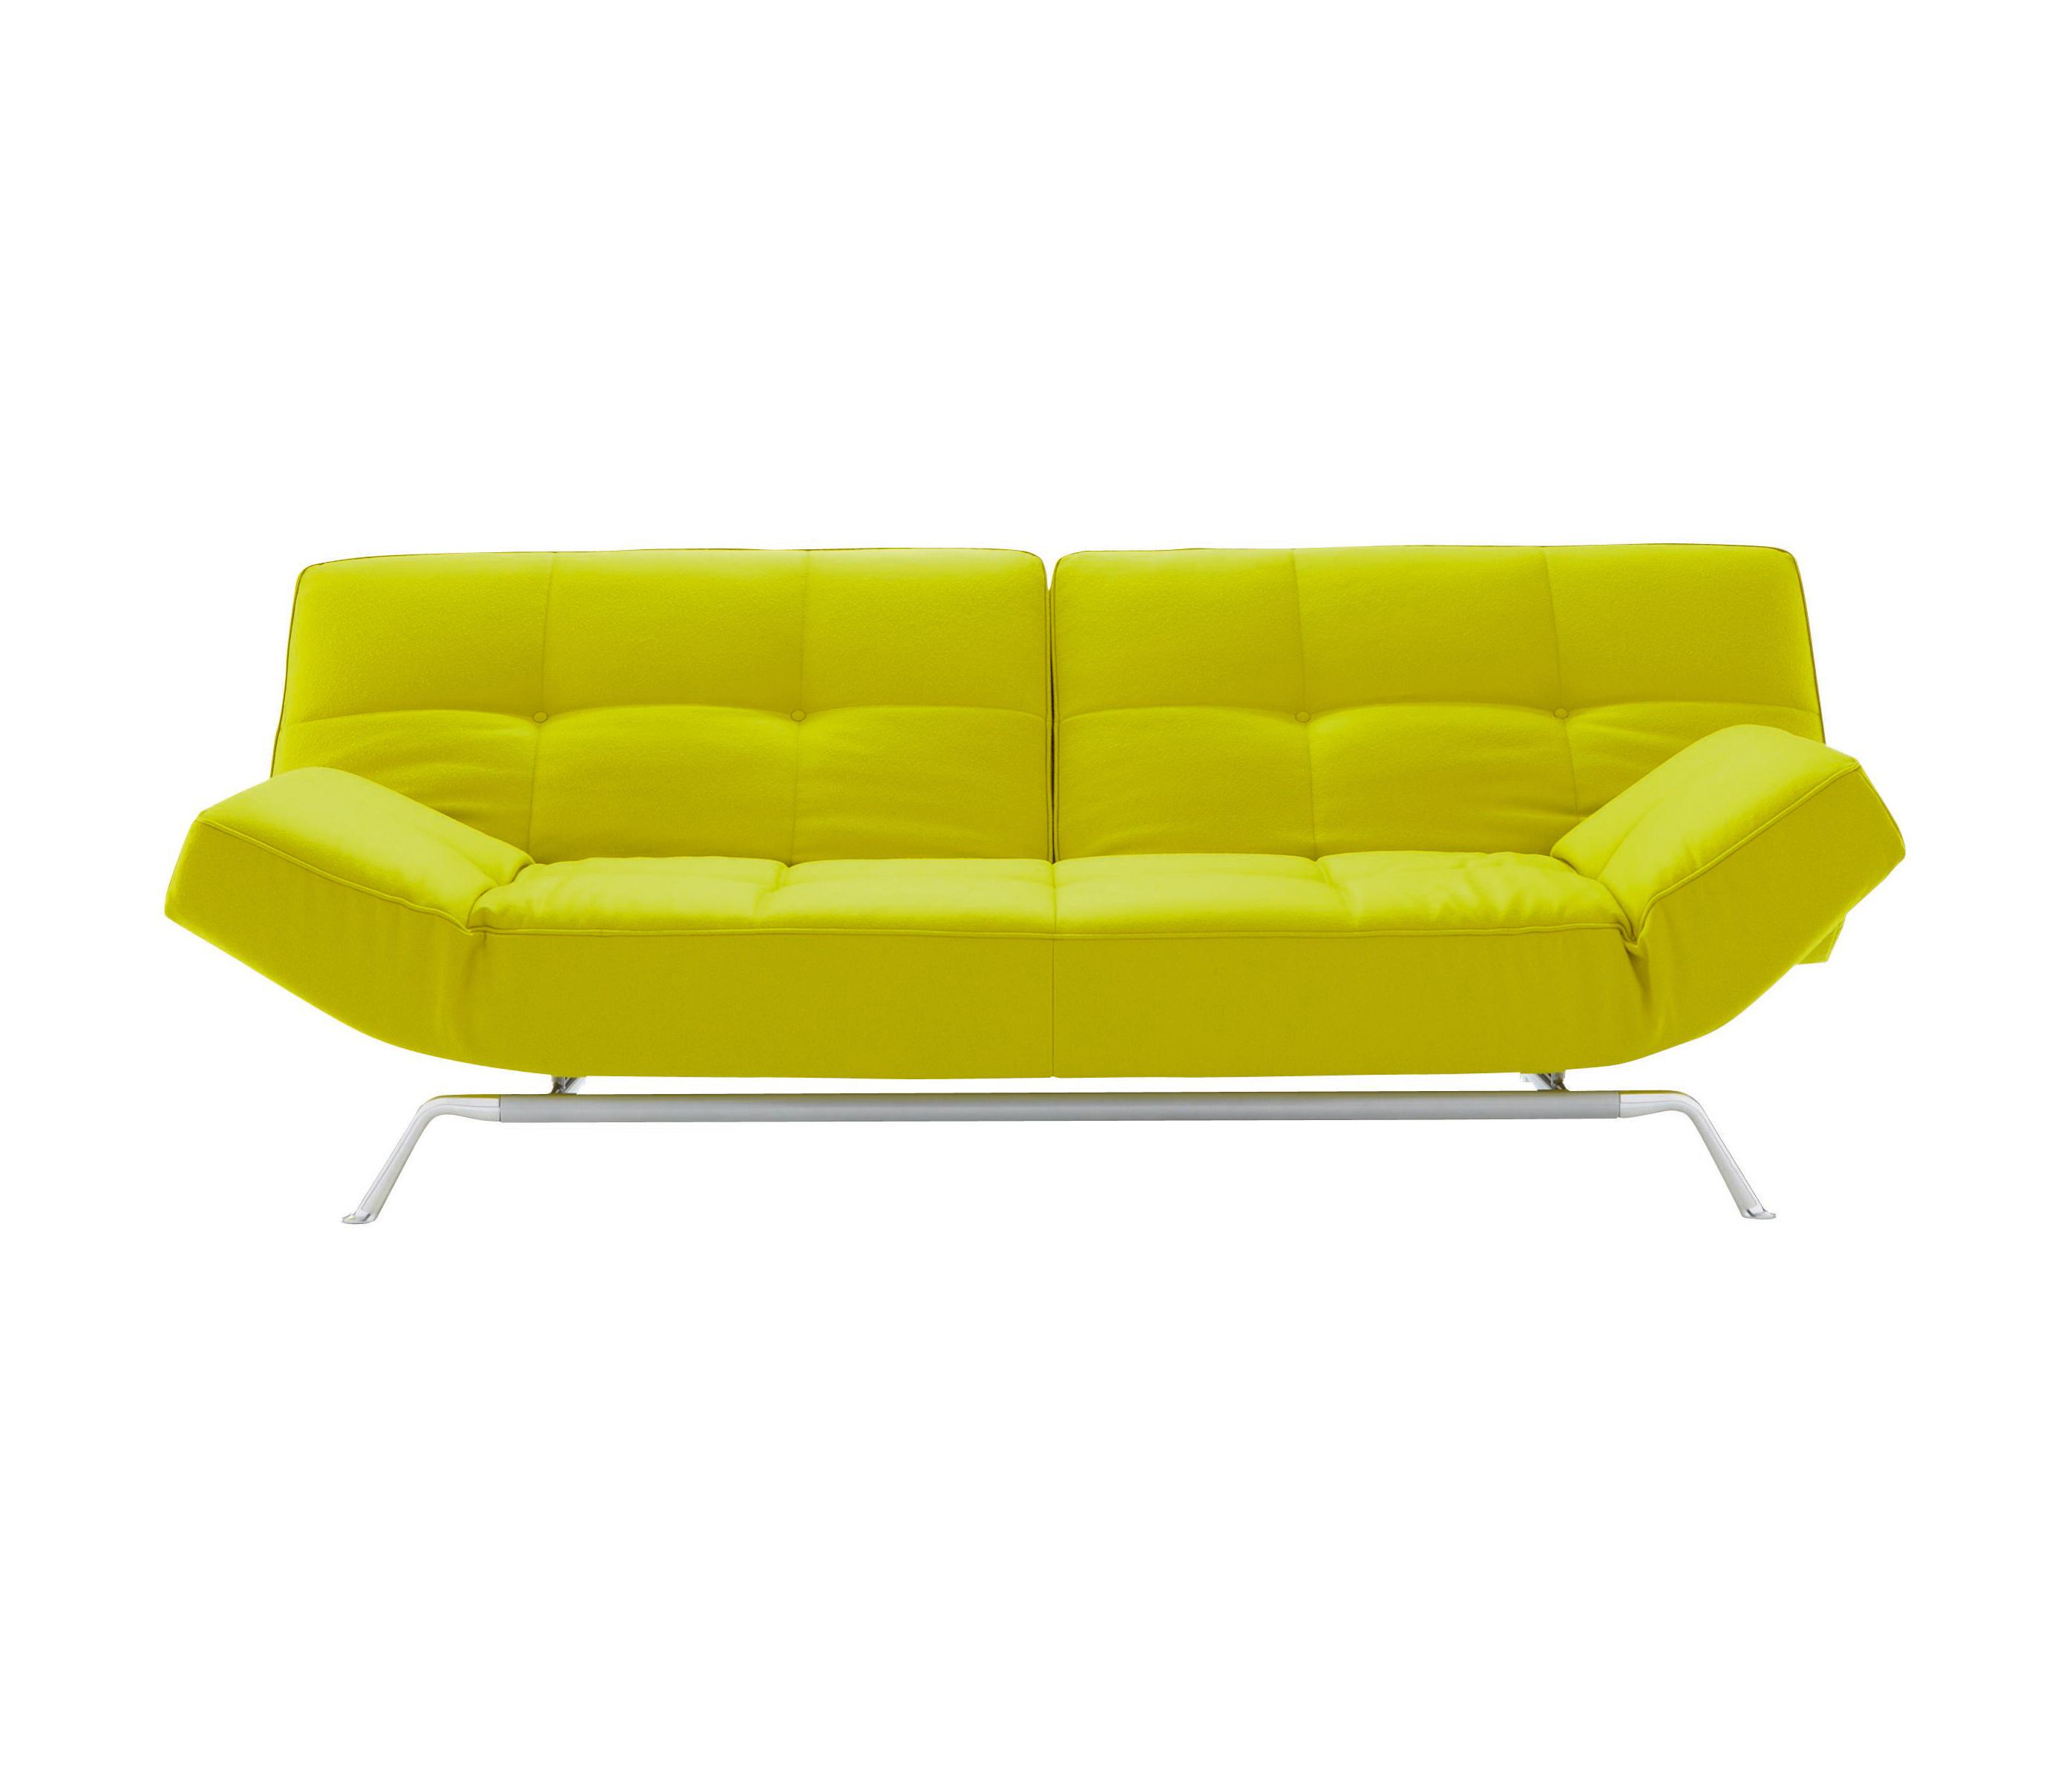 ligne roset nomade sofa finn juhl poet price bed smala sofas from designer pascal